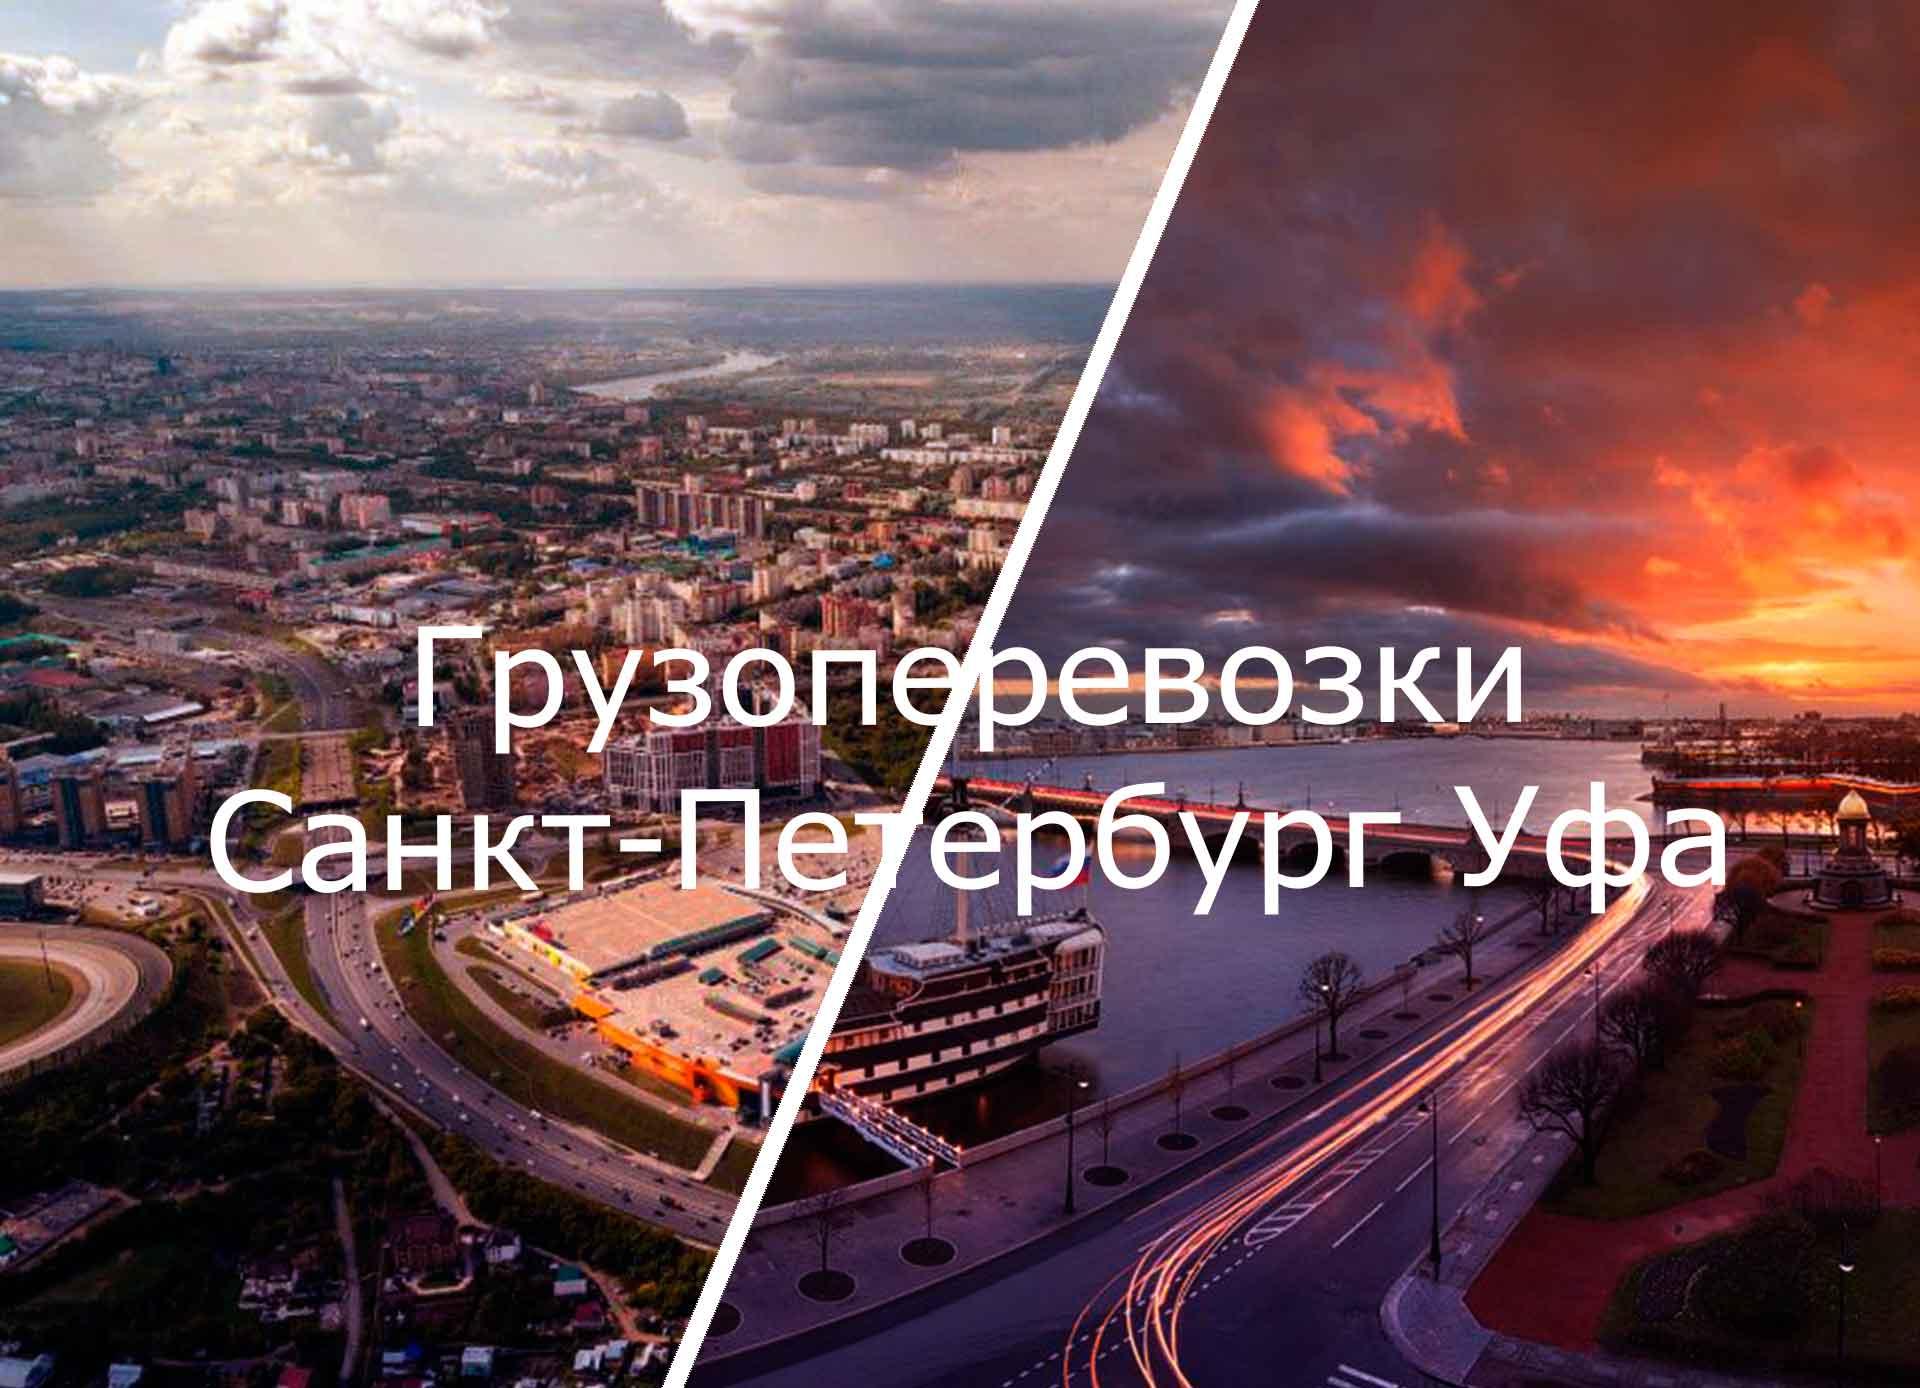 грузоперевозки санкт петербург уфа